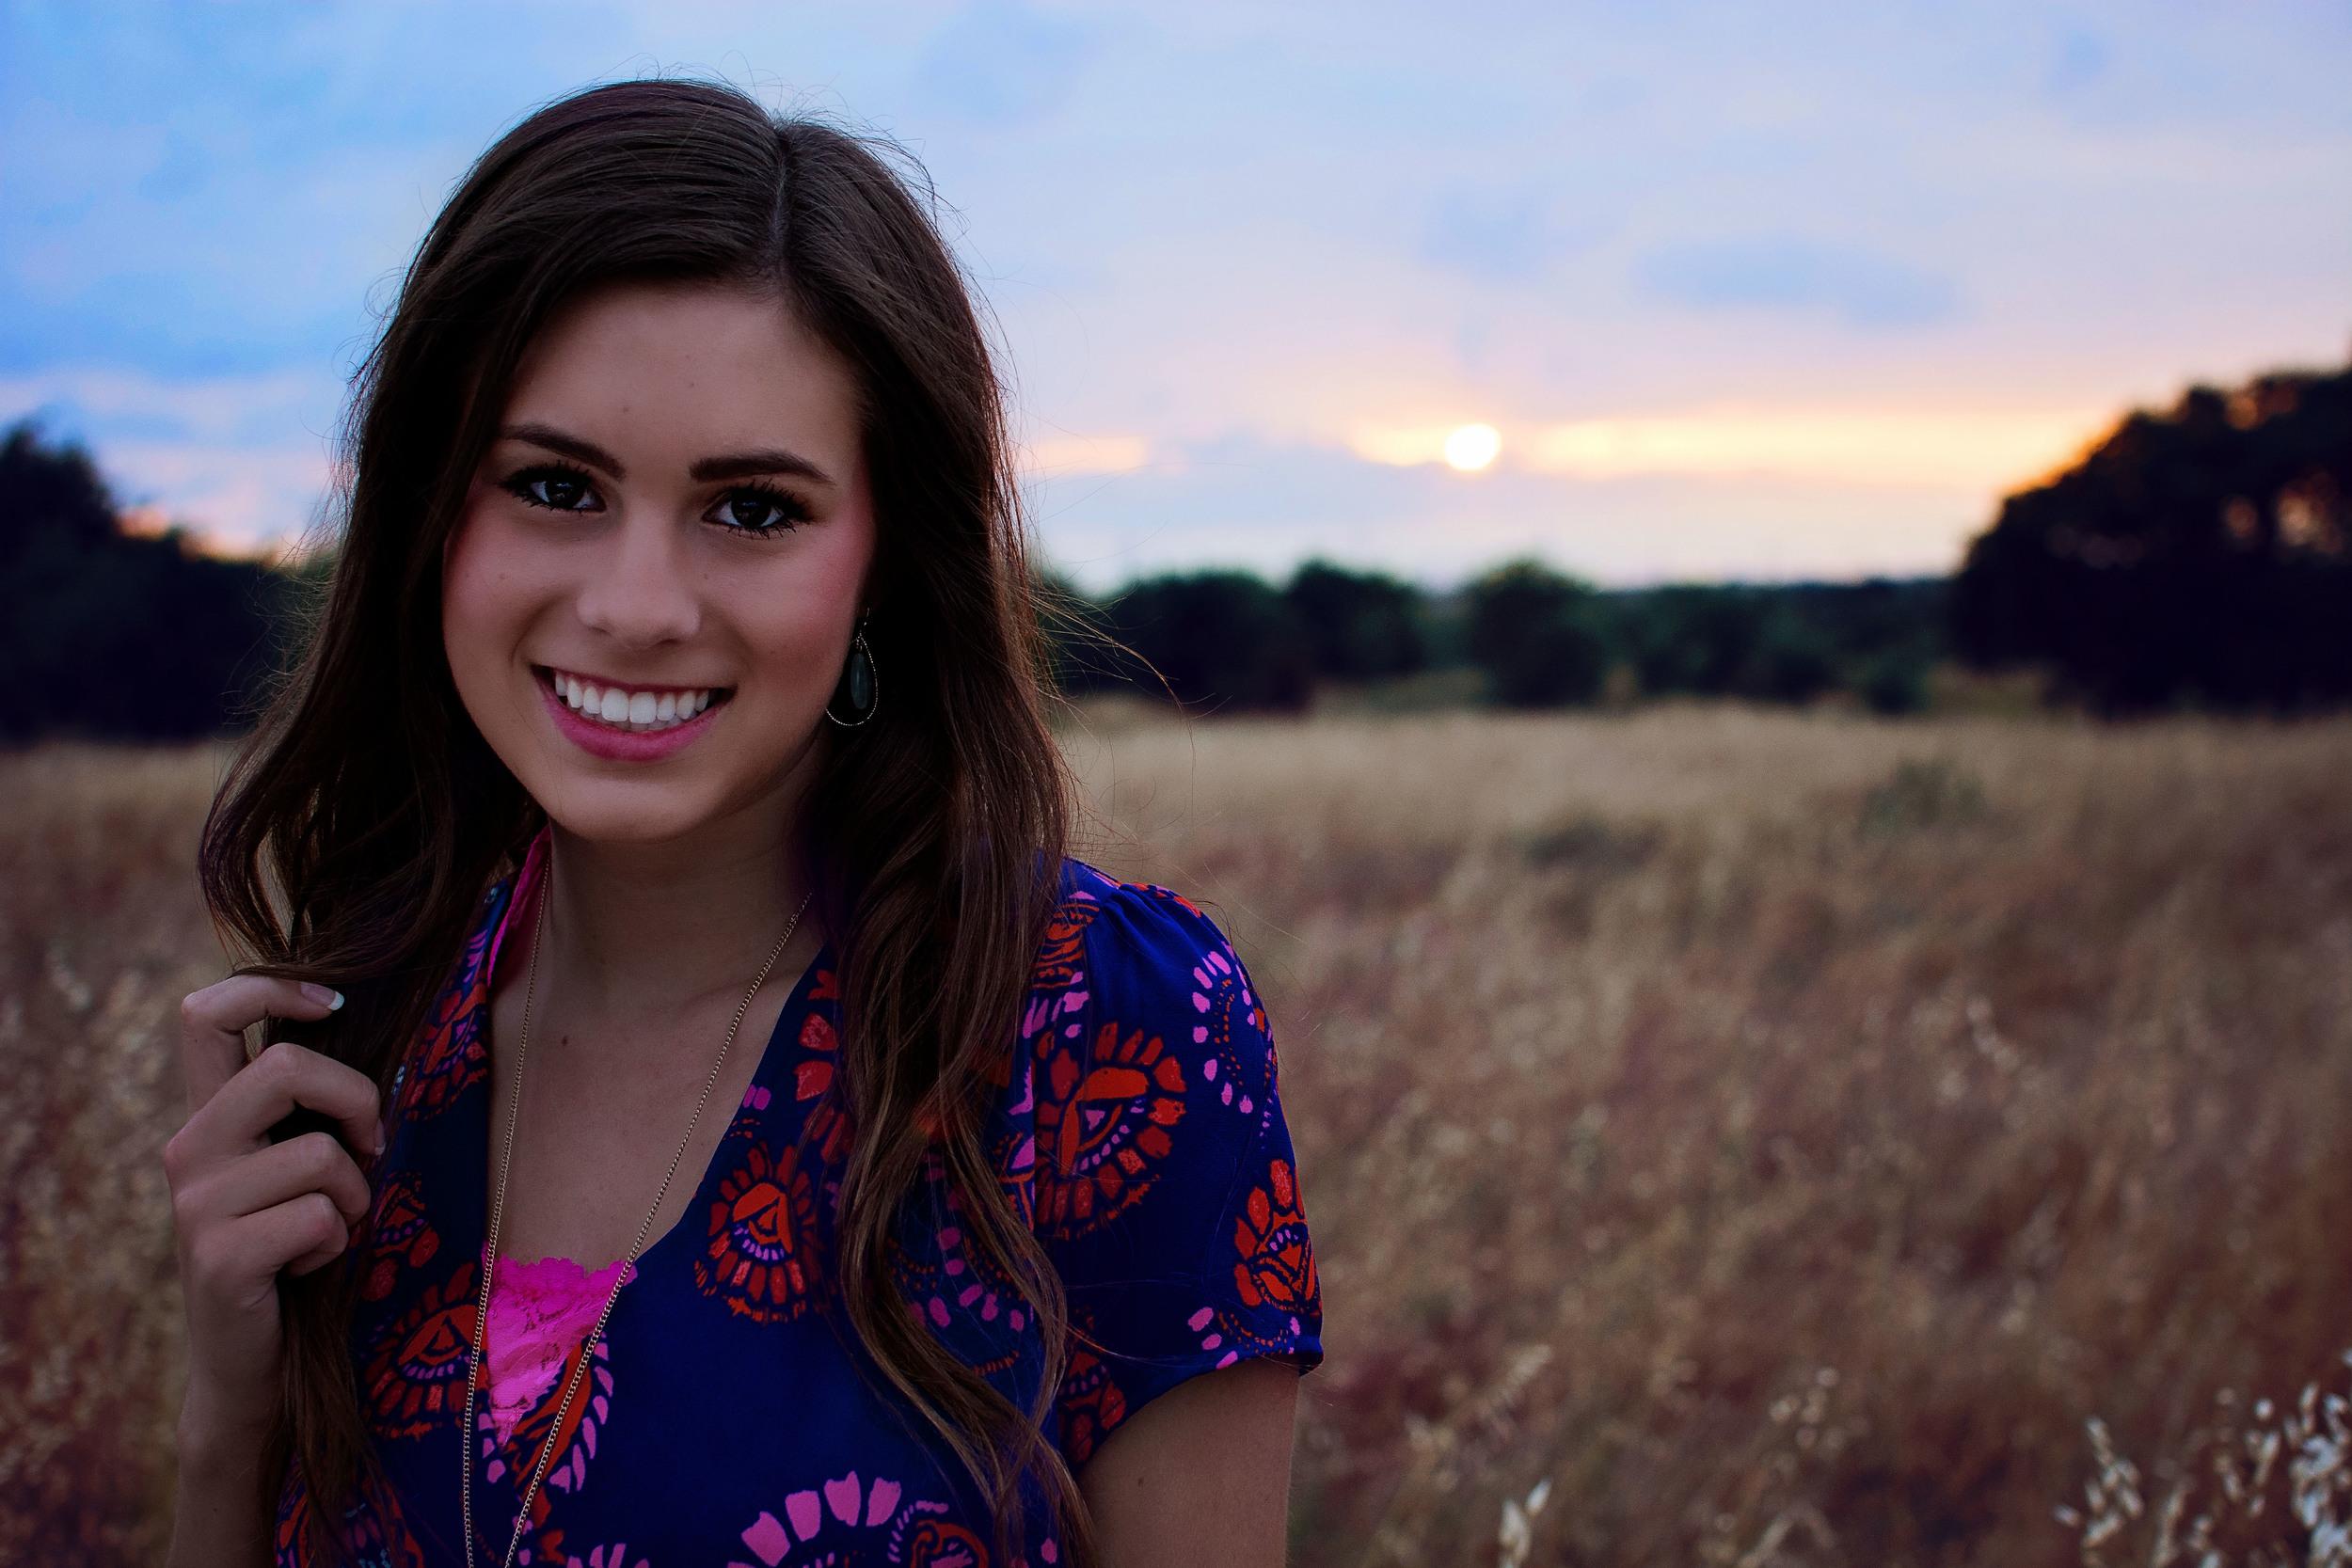 Senior Sunset Photography